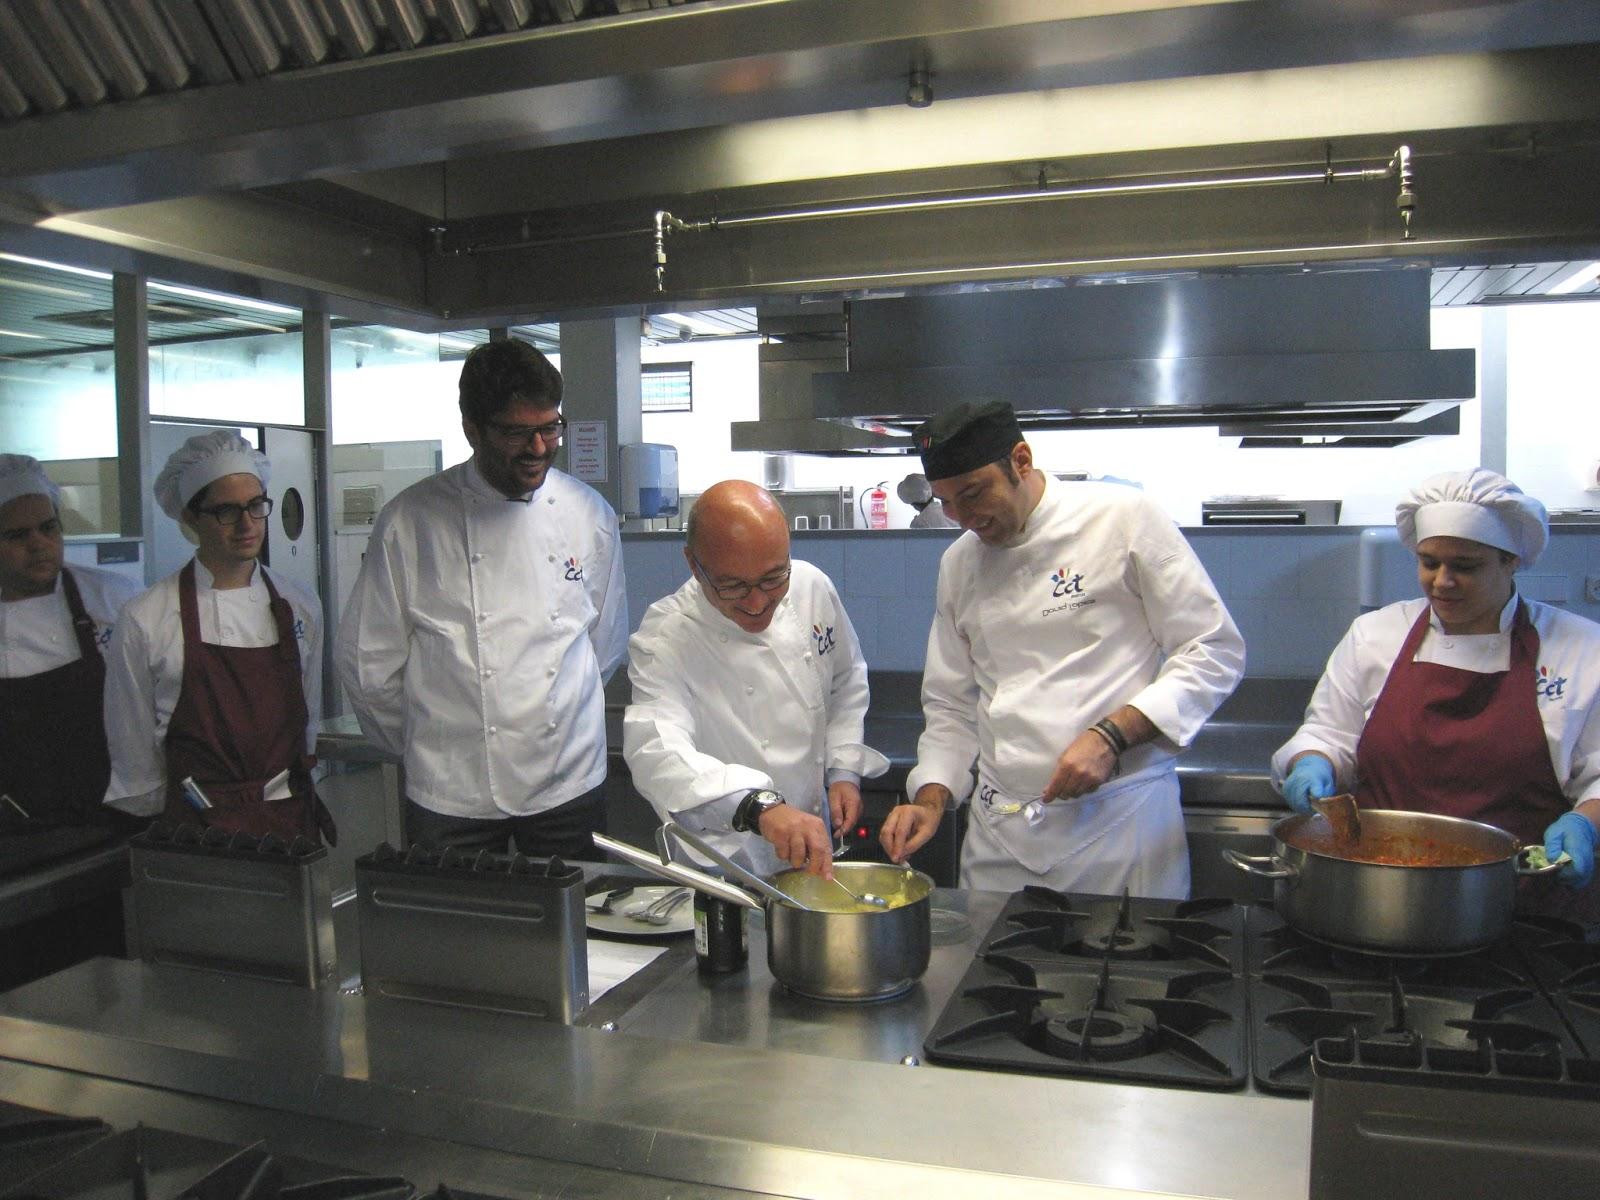 El restaurante escuela del cct exporta su modelo de for Cct de la escuela